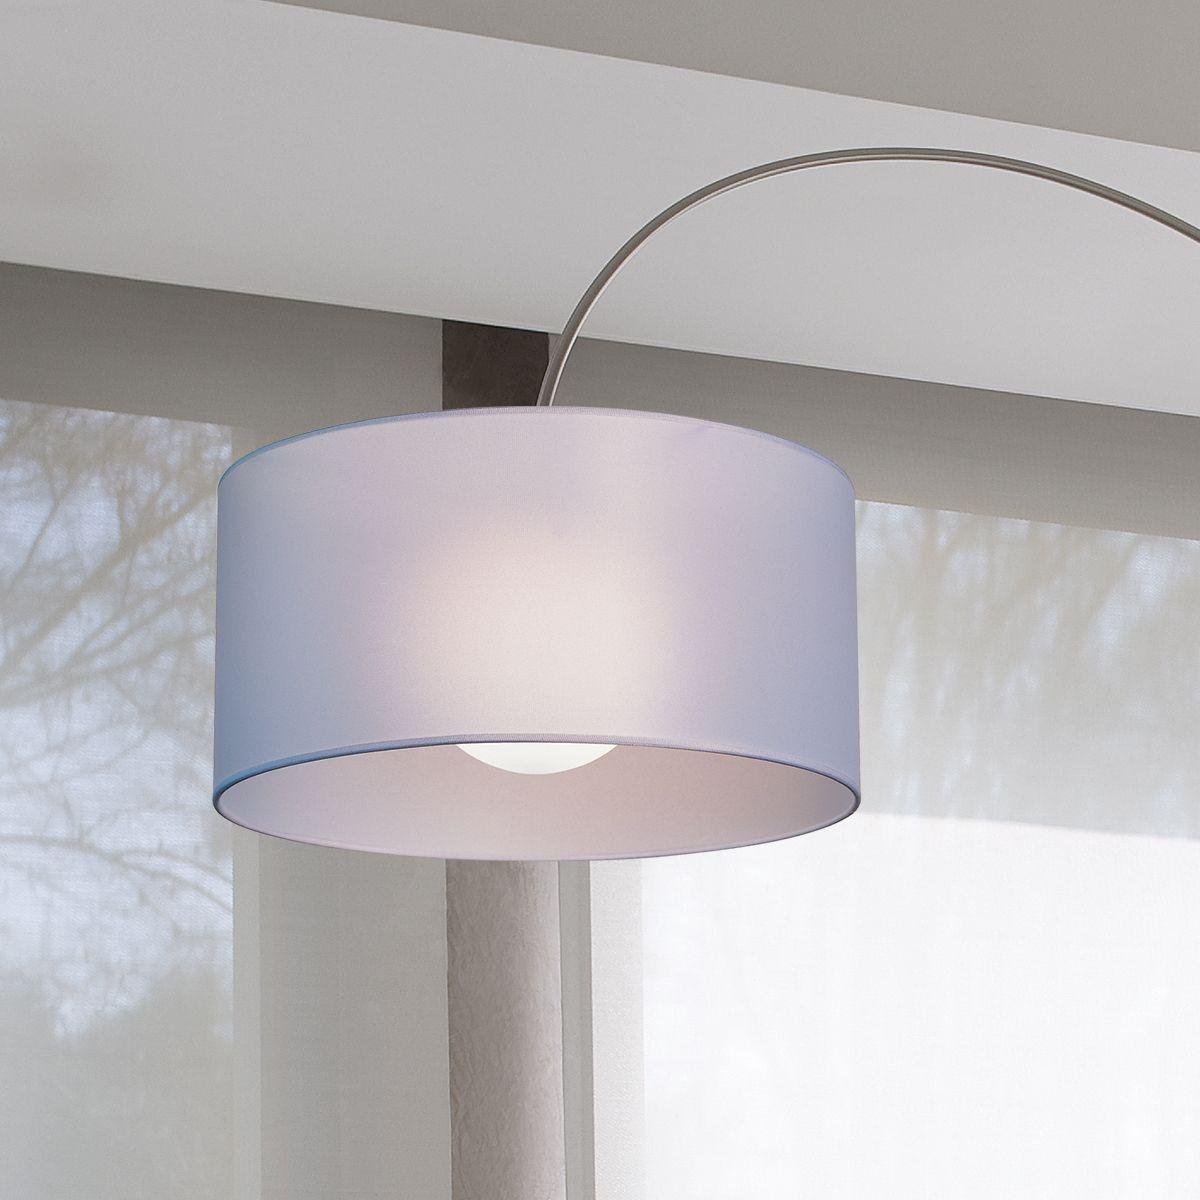 Wundervoll Stehlampe Bogen Referenz Von Bogen-stehleuchte Fog Weiß Jetzt Bestellen Unter: Https://moebel.ladendirekt